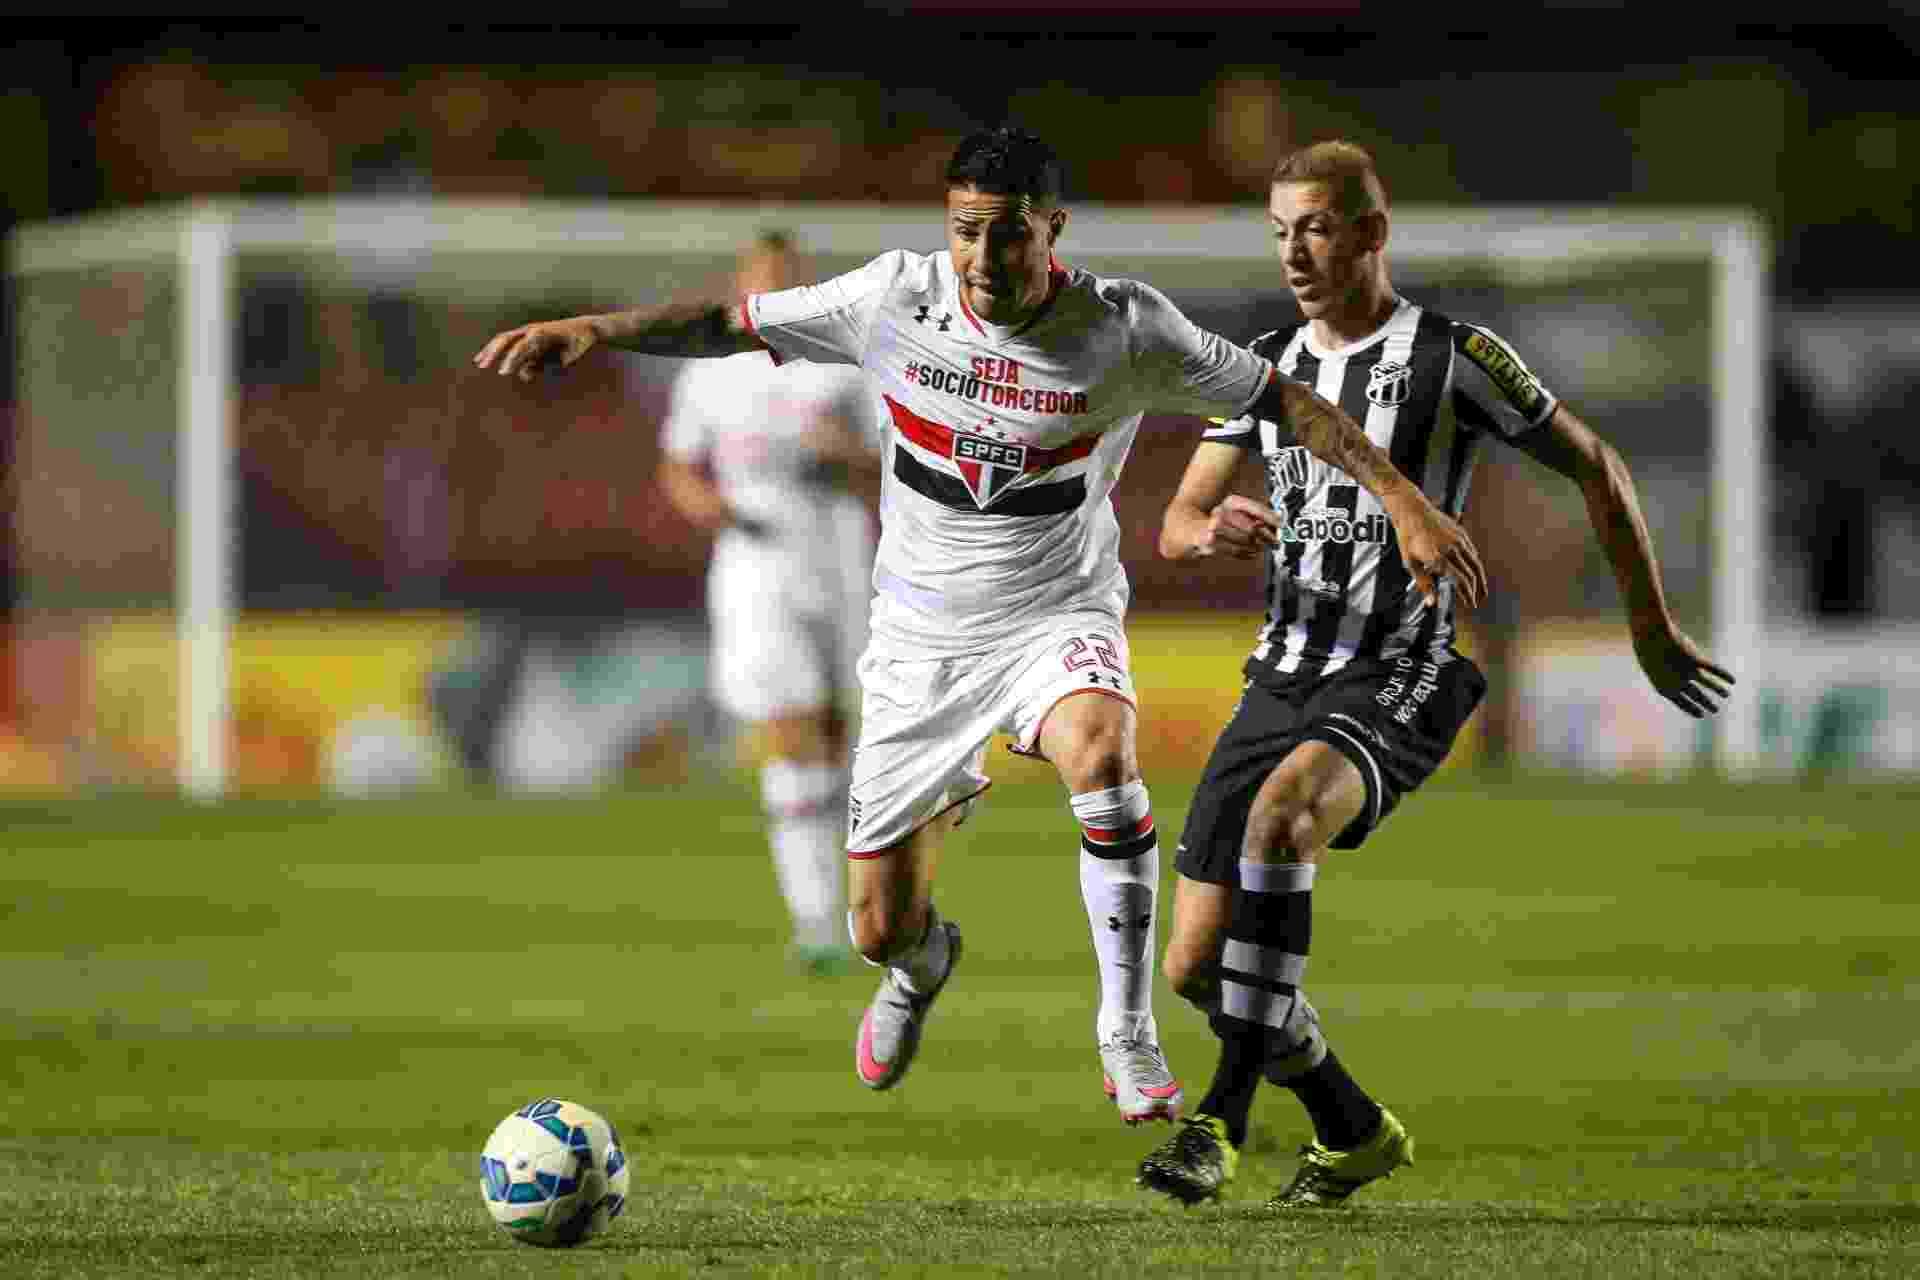 Bruno tenta proteger a bola do adversário em duelo contra o Ceará - Julia Chequer/Folhapress